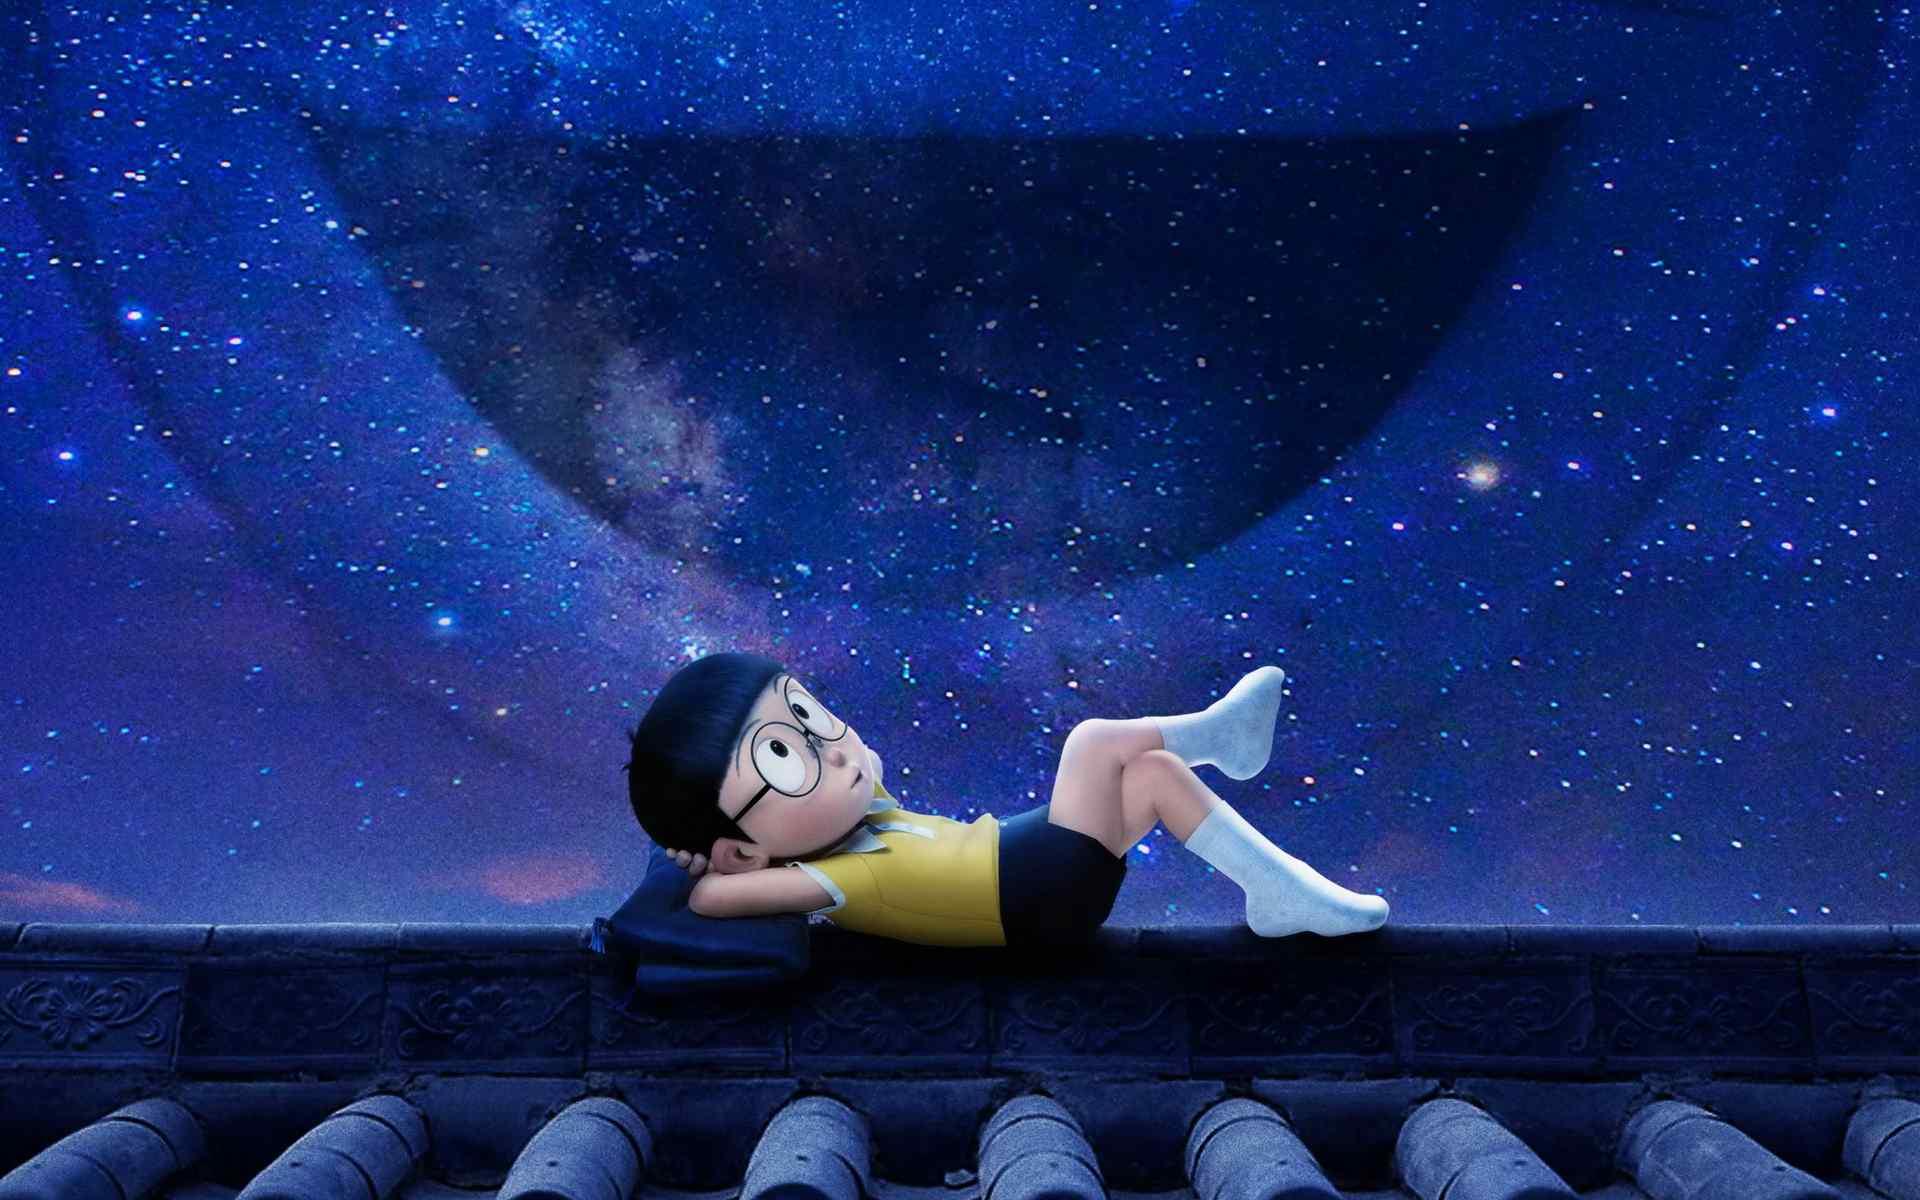 同行 大雄仰望夜晚星空影视高清壁纸